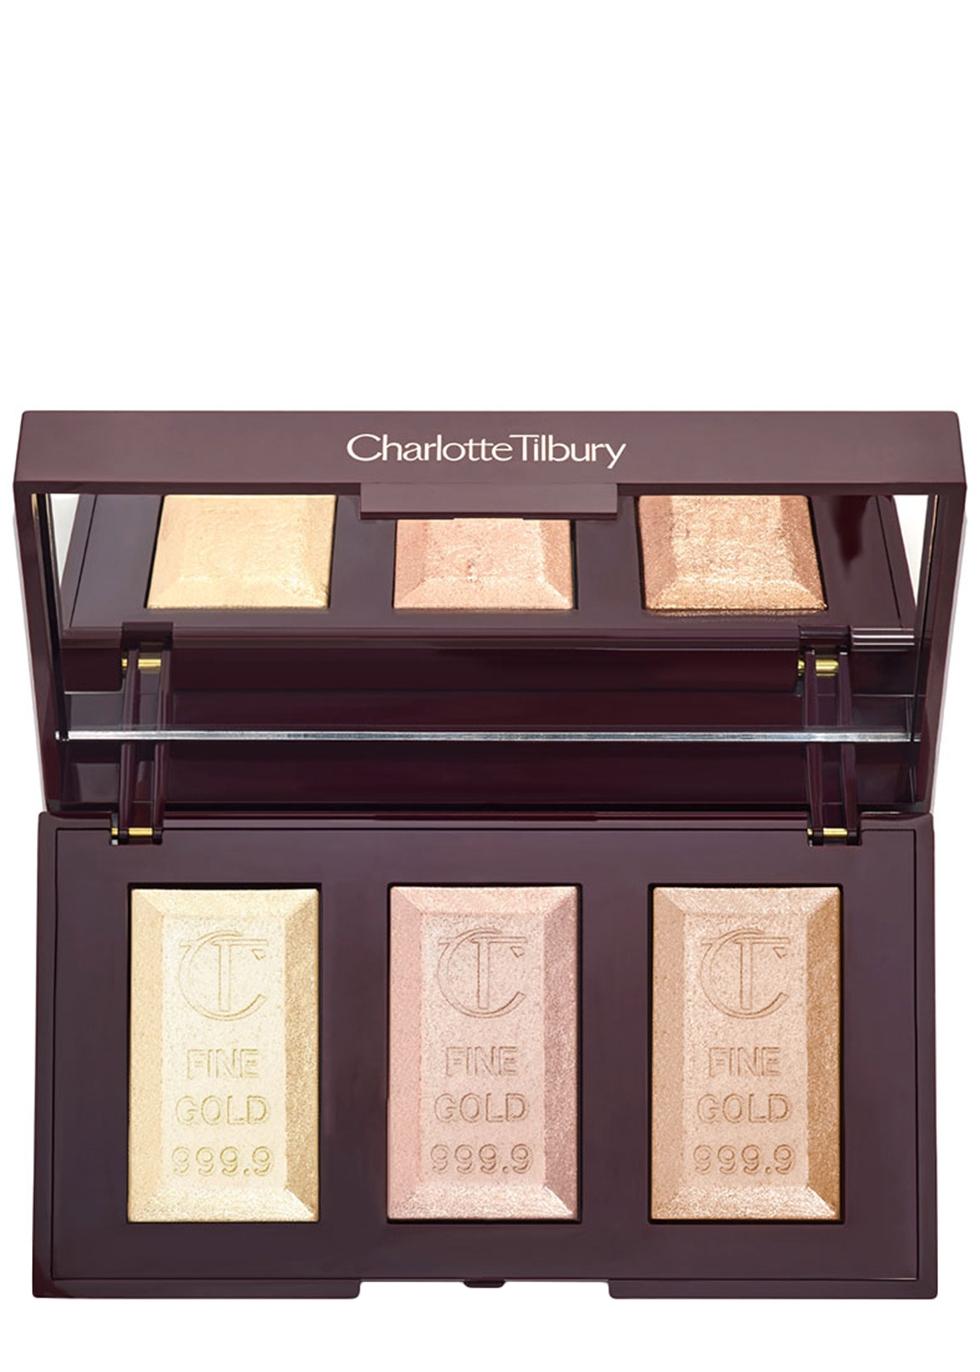 Bar Of Gold Highlighter Palette - Charlotte Tilbury